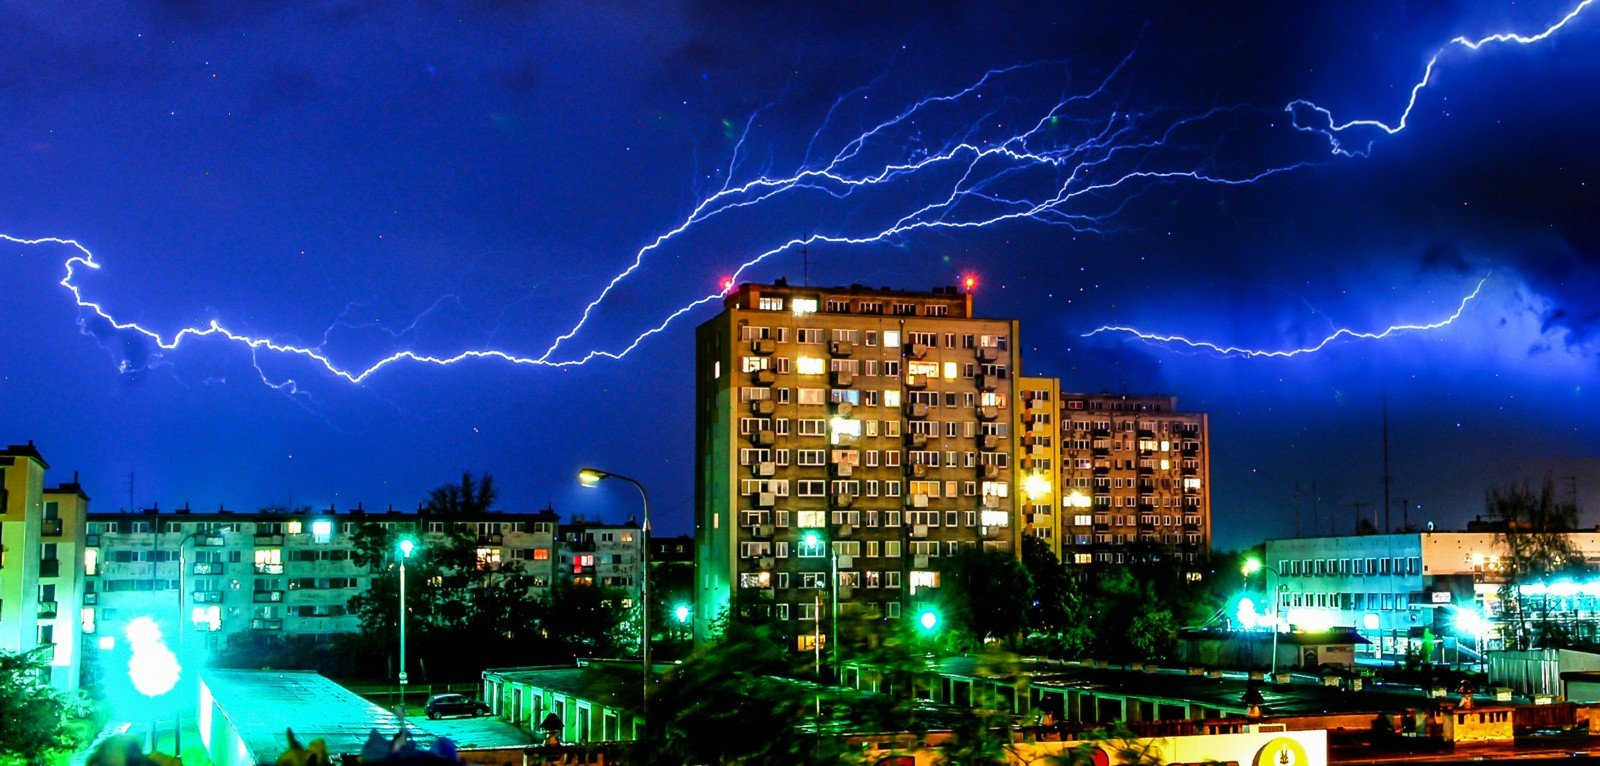 Gdzie jest burza 9.08? Aktualna mapa i radar burz online: Warszawa, Mazowsze... Prognoza pogody, ostrzeżenia IMGW - sierpień 2020 | Polska Times